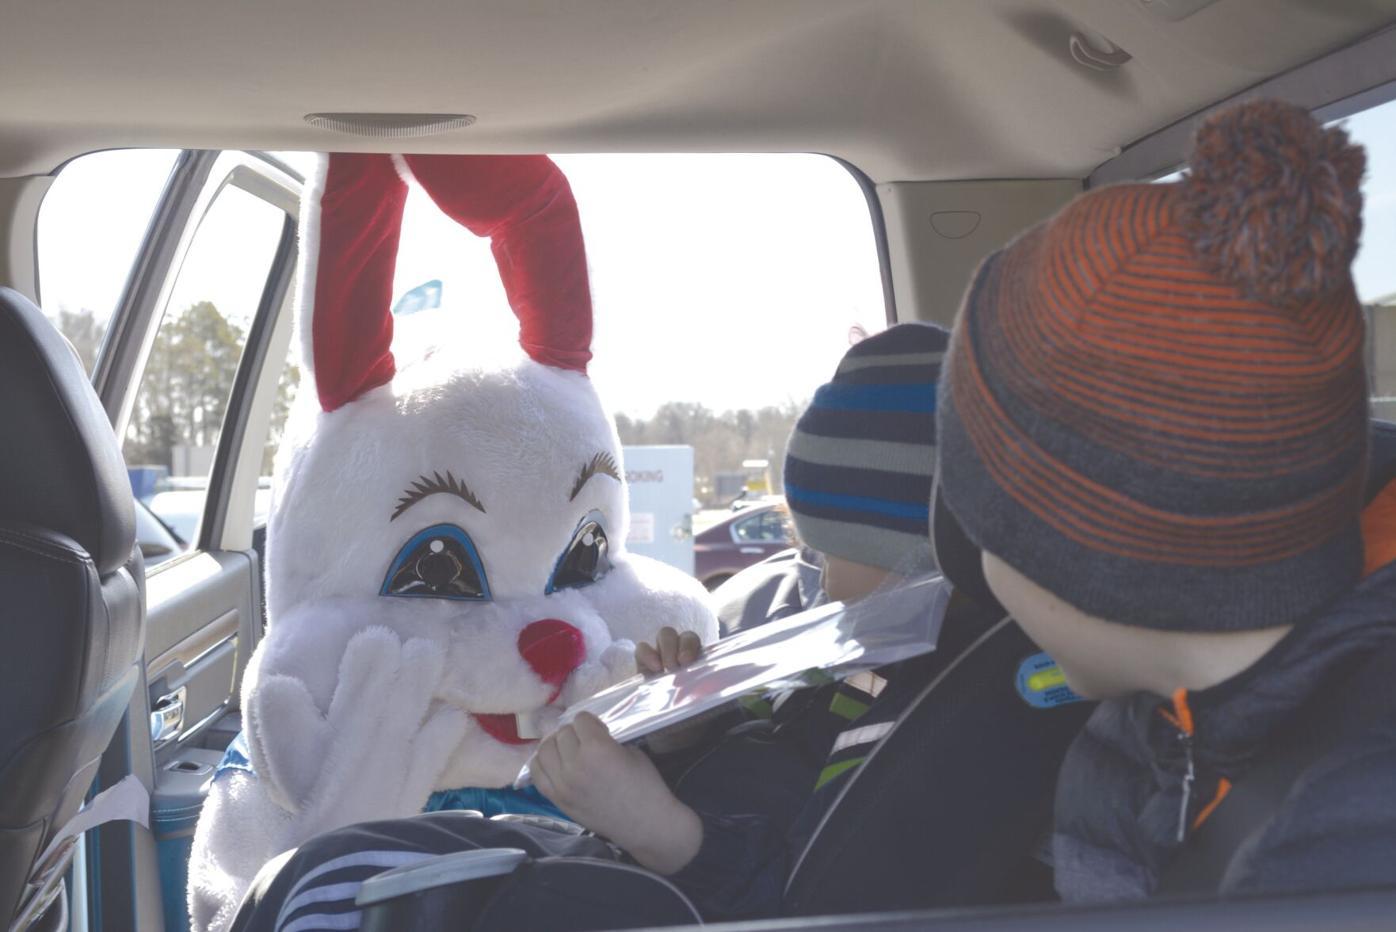 Easter bunny_2.jpg